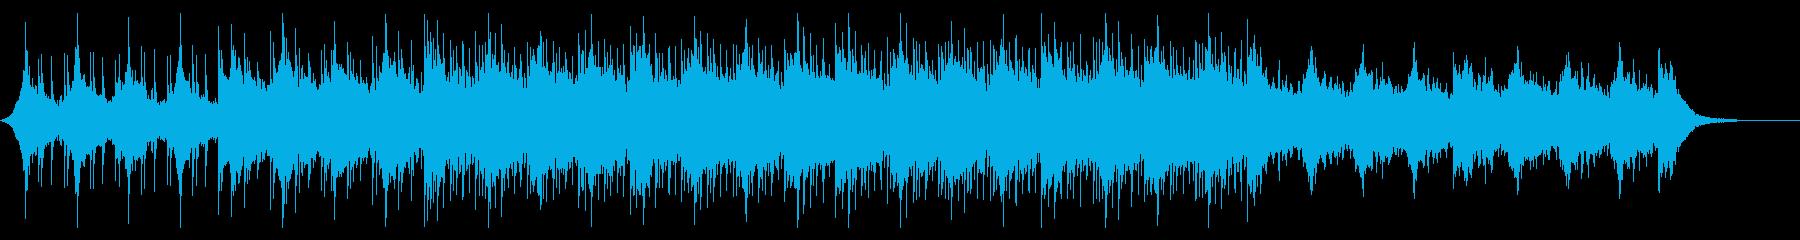 ウェディング3 Dショート、キラキラの再生済みの波形